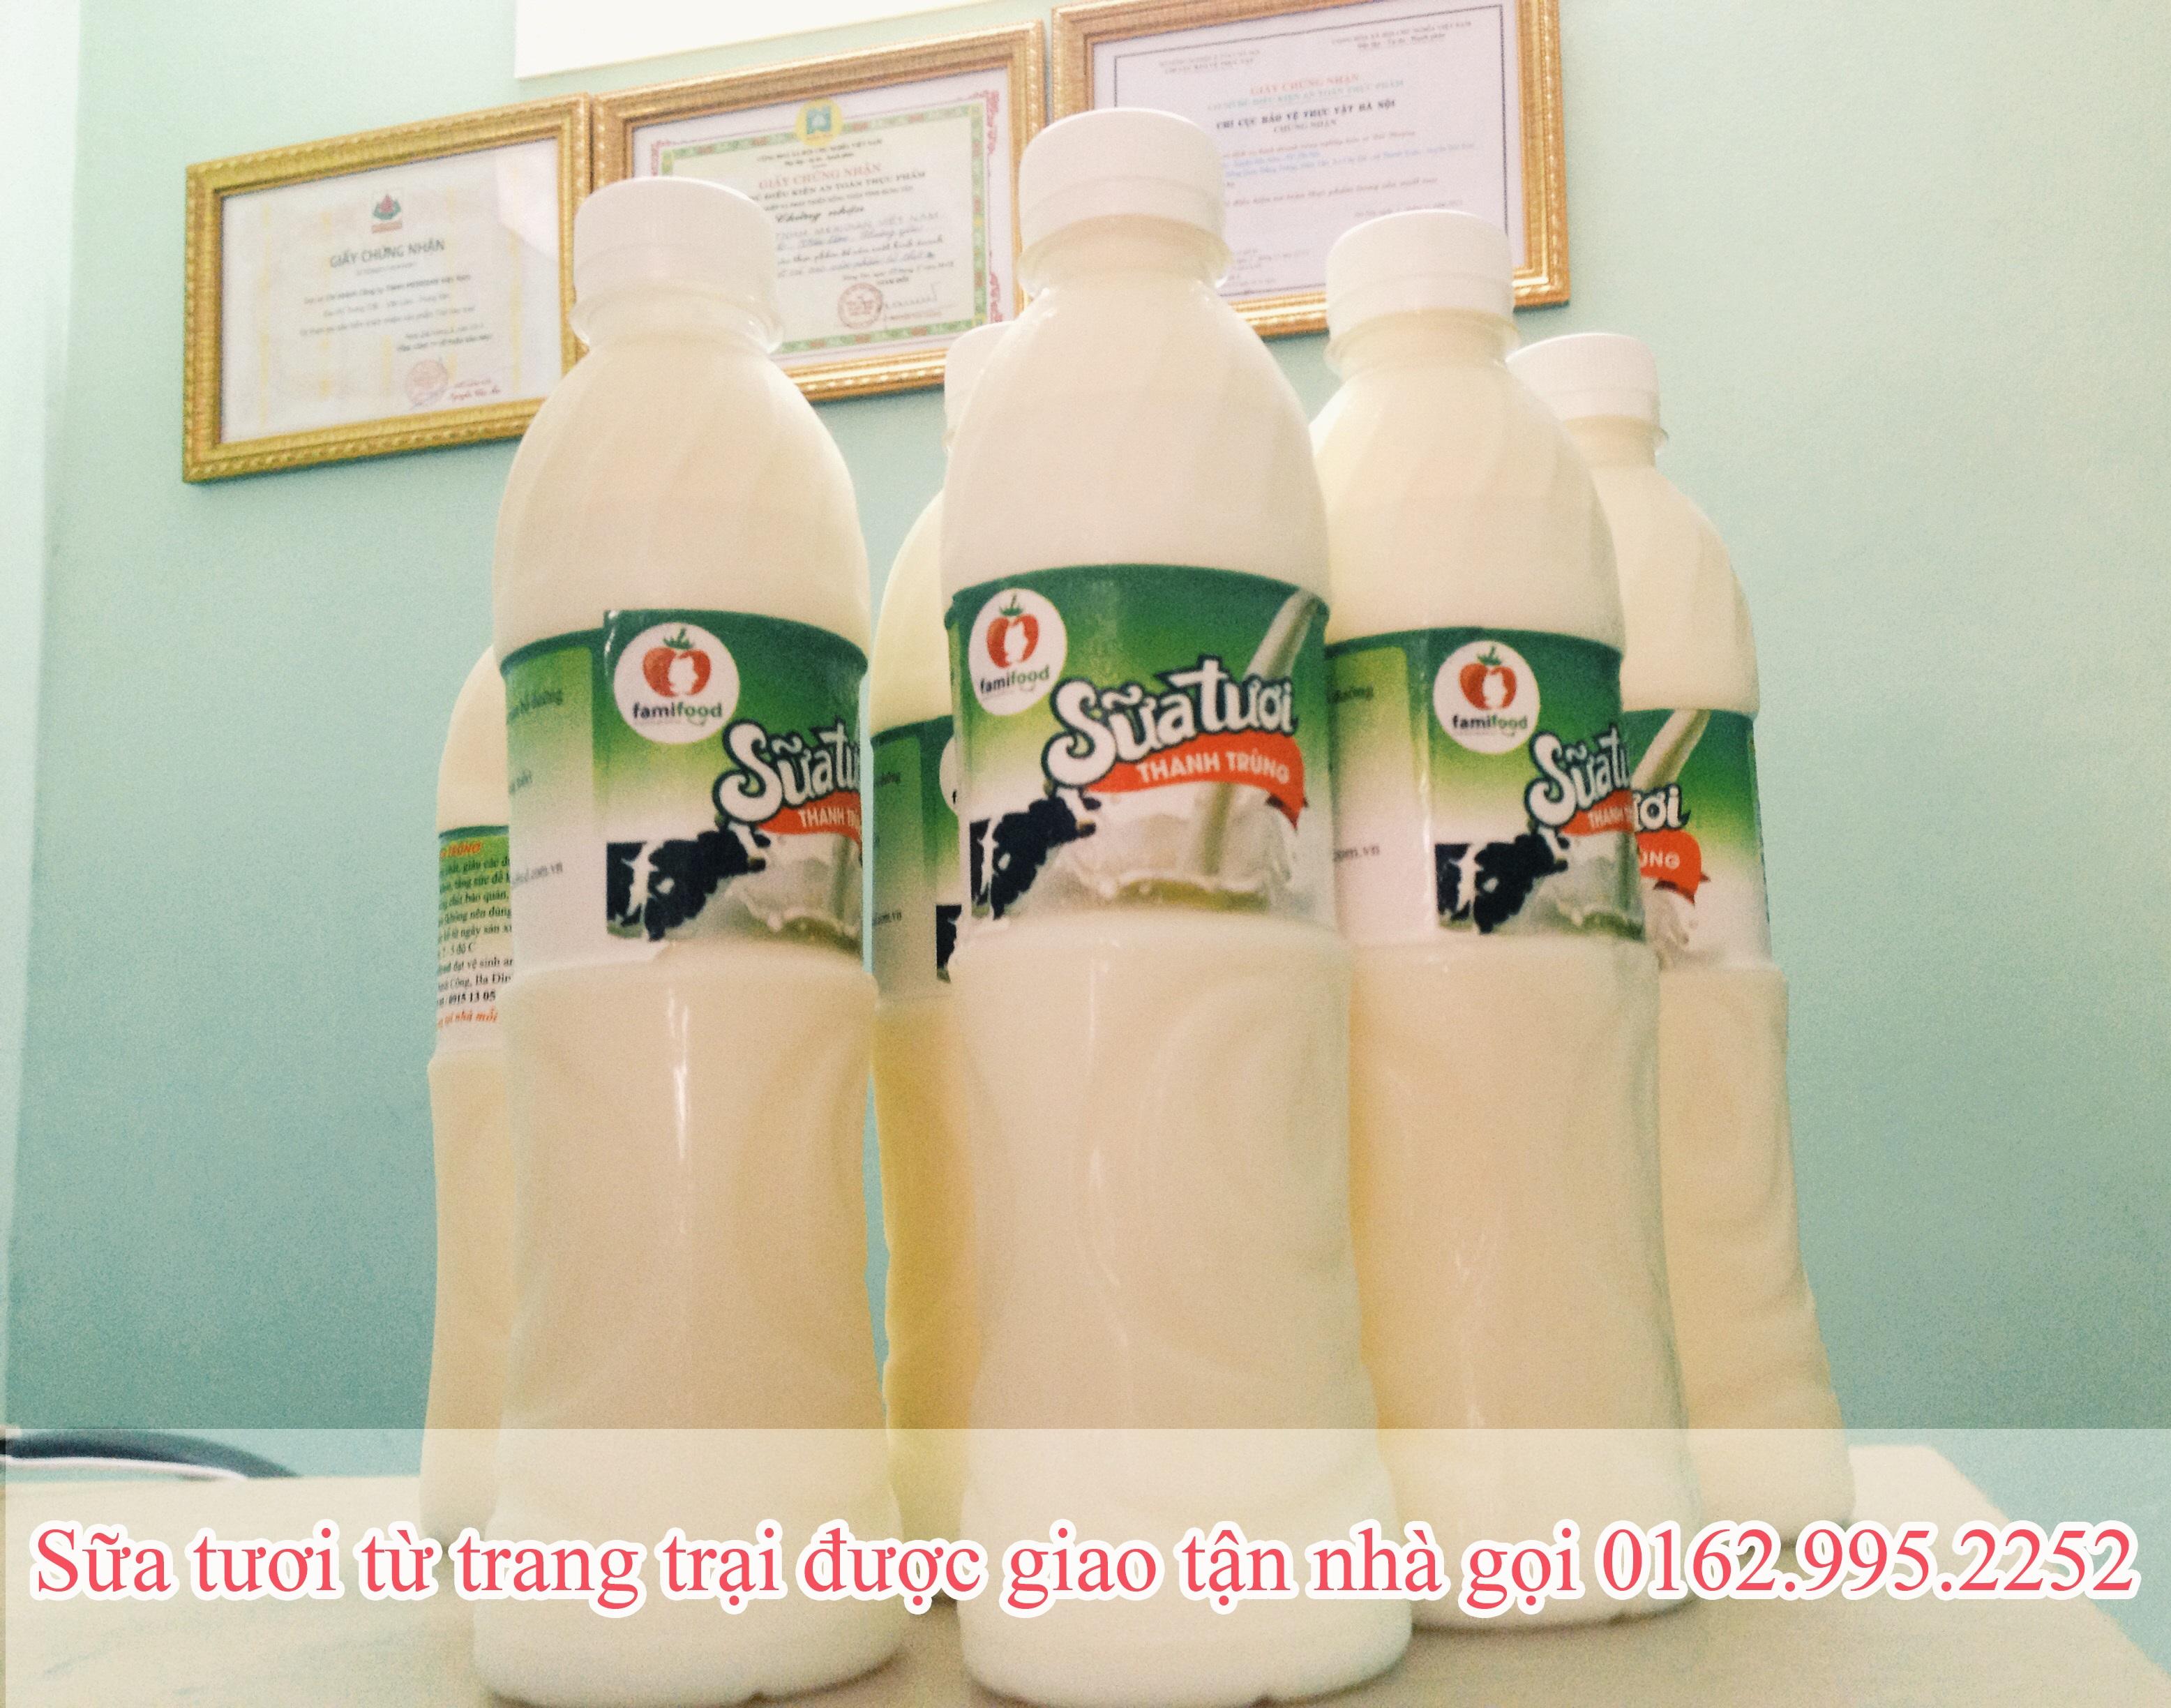 Hà Nội: Mua sữa bò tươi nguyên chất được giao tận nhà ở đâu? 1